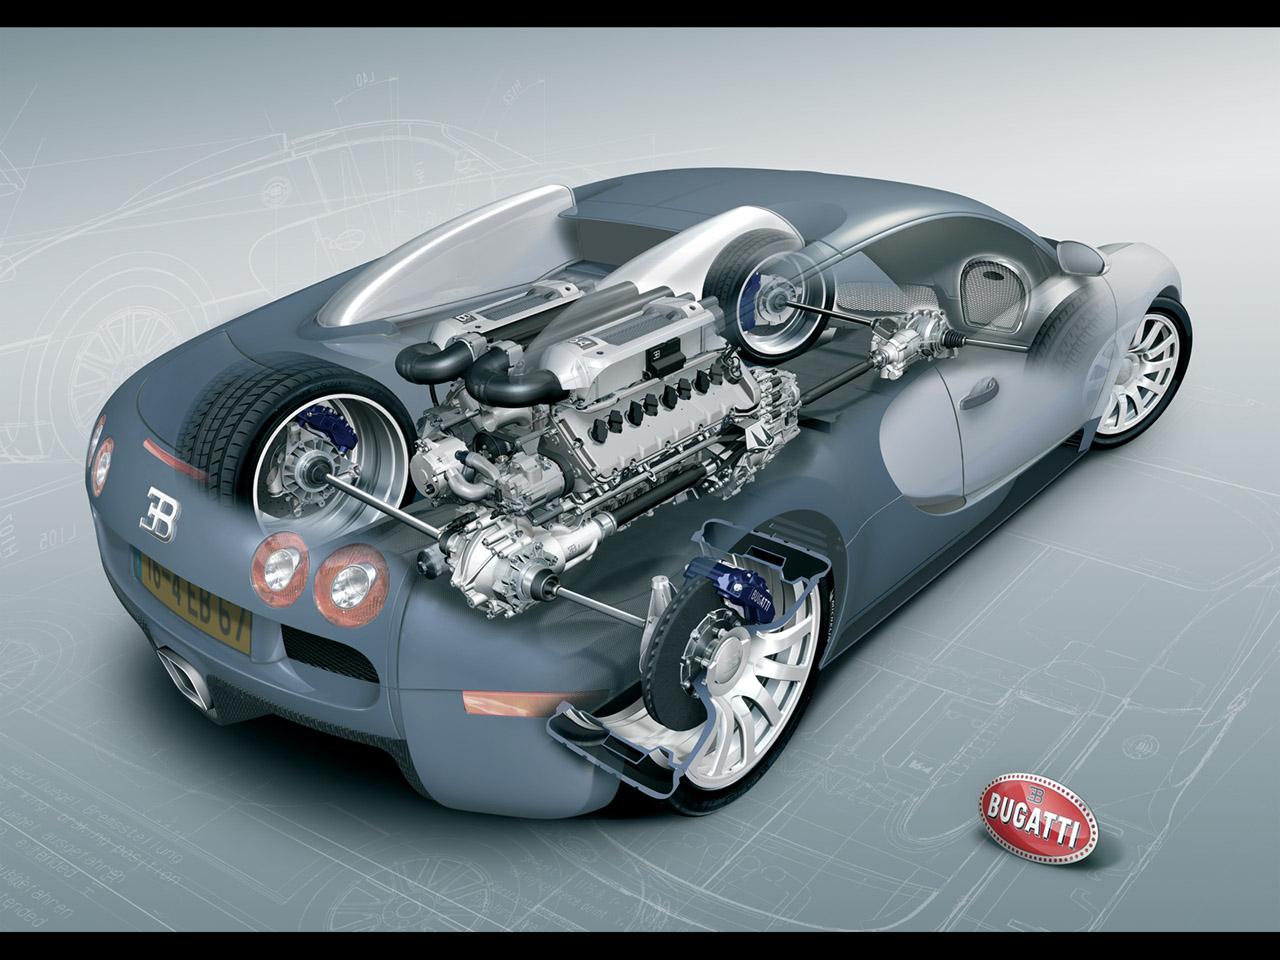 http://www.v10.pl/narzedzia/tapety/Samochody/Bugatti/Bugatti%20Veyron/2006%20Bugatti%20Veyron%20W16%201280x960_06.jpg